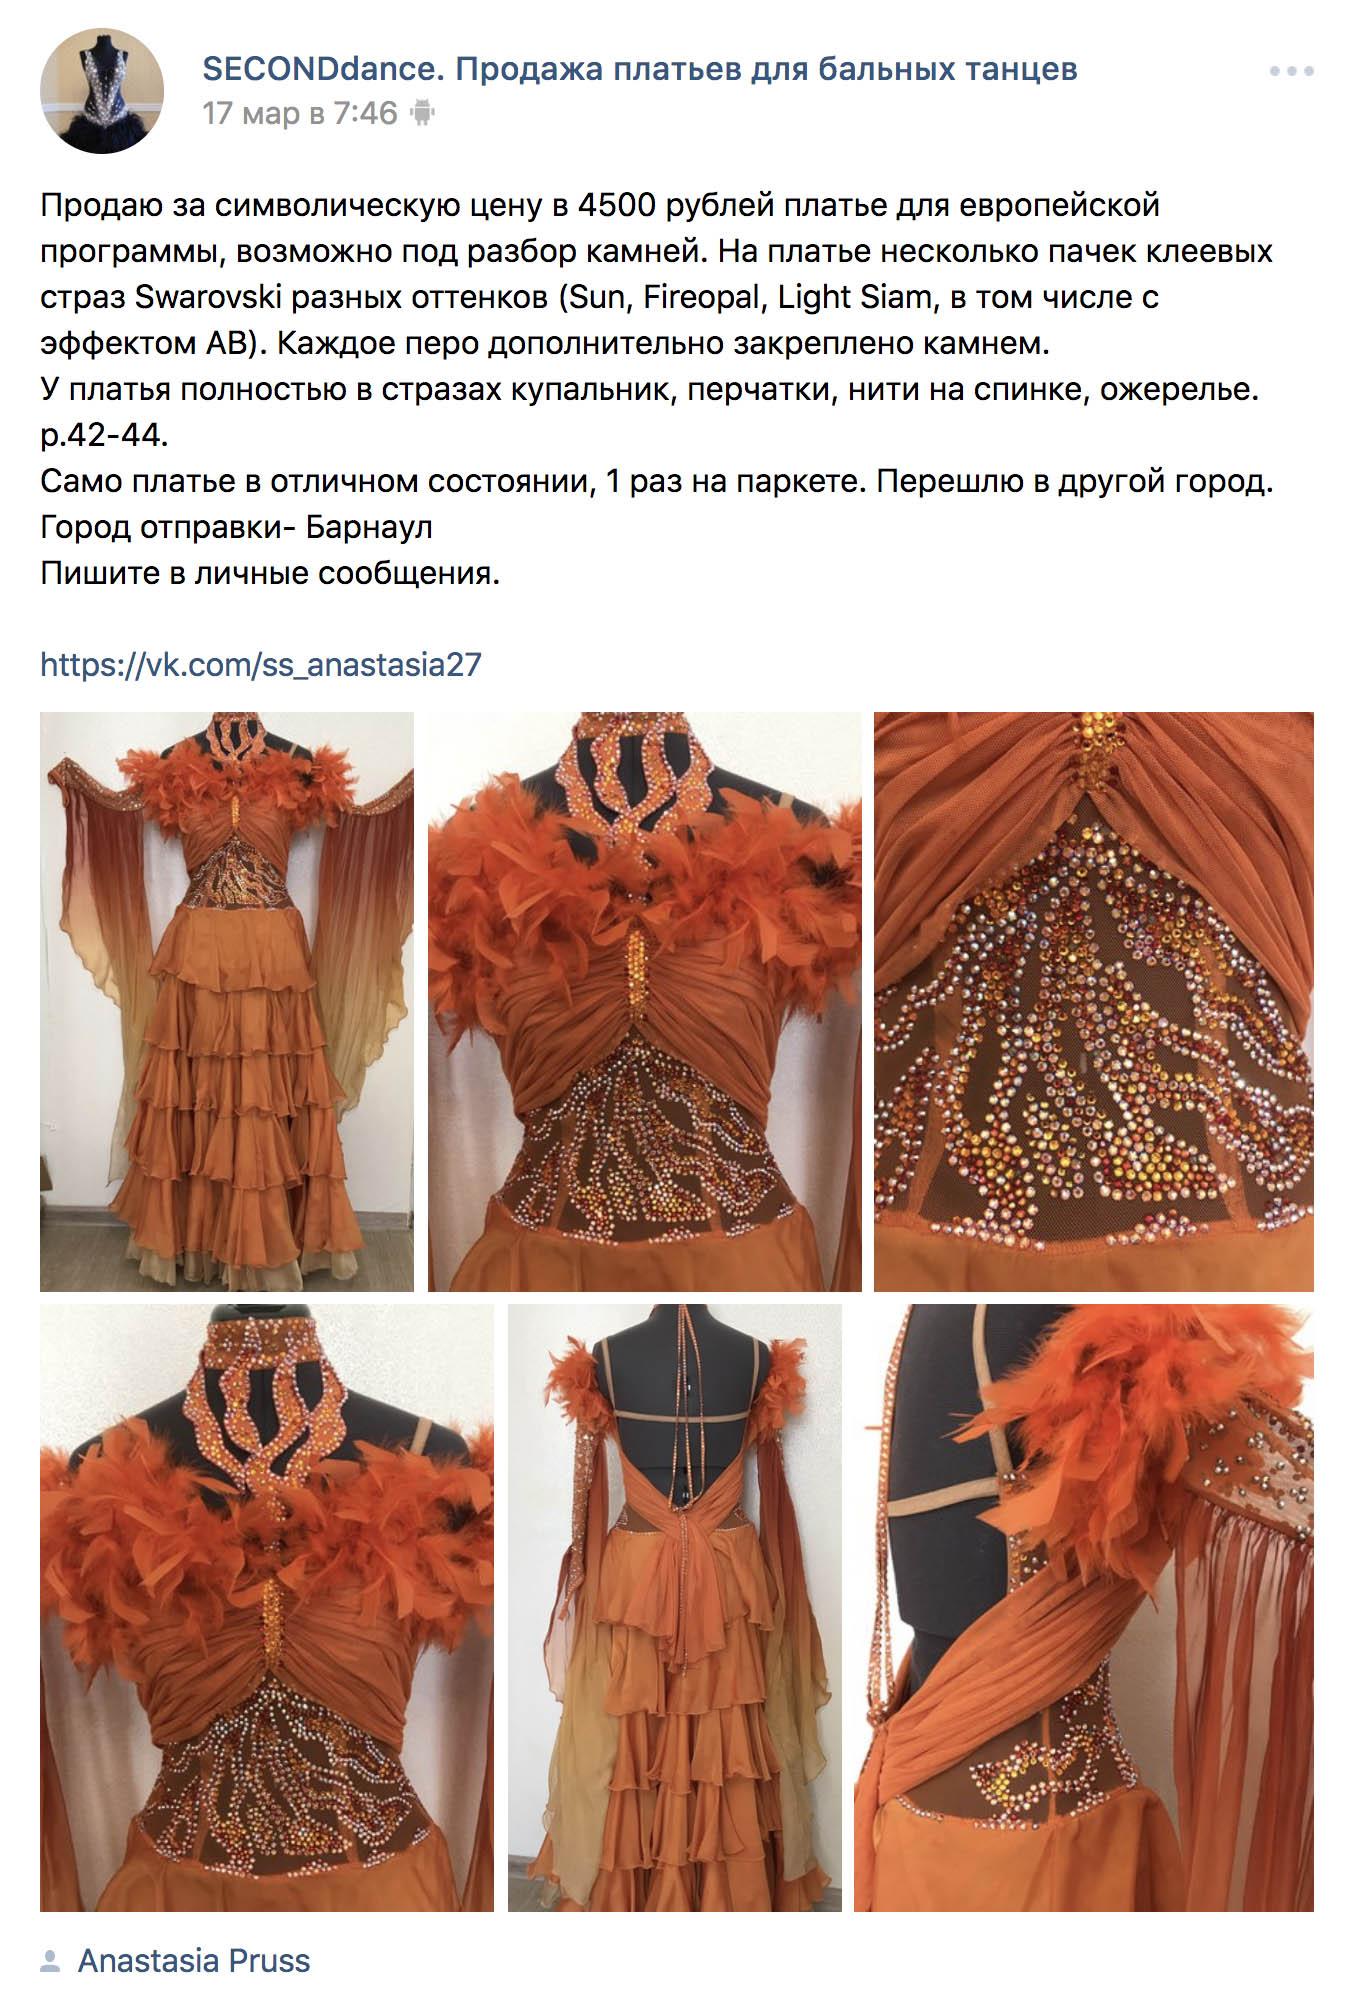 Подержанное платье для выступлений за 4500 р.. «Один раз на паркете», — как говорят бальники. Источник: группа «Second Dance. Продажа платьев для бальных танцев»